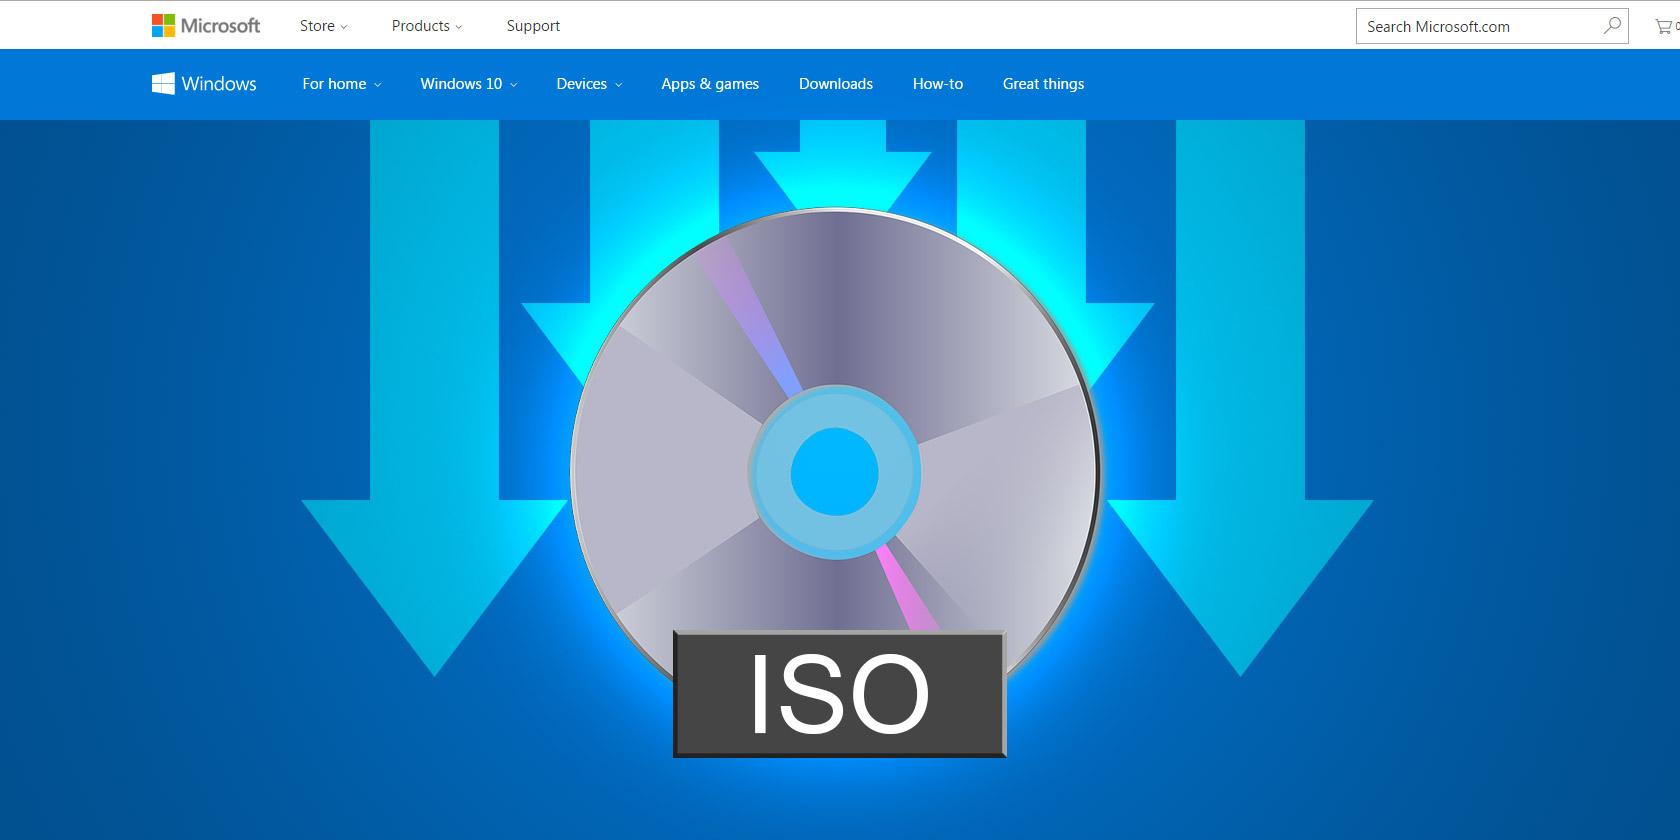 Как извлечь конкретную версию Windows из ISO-образа Windows 10